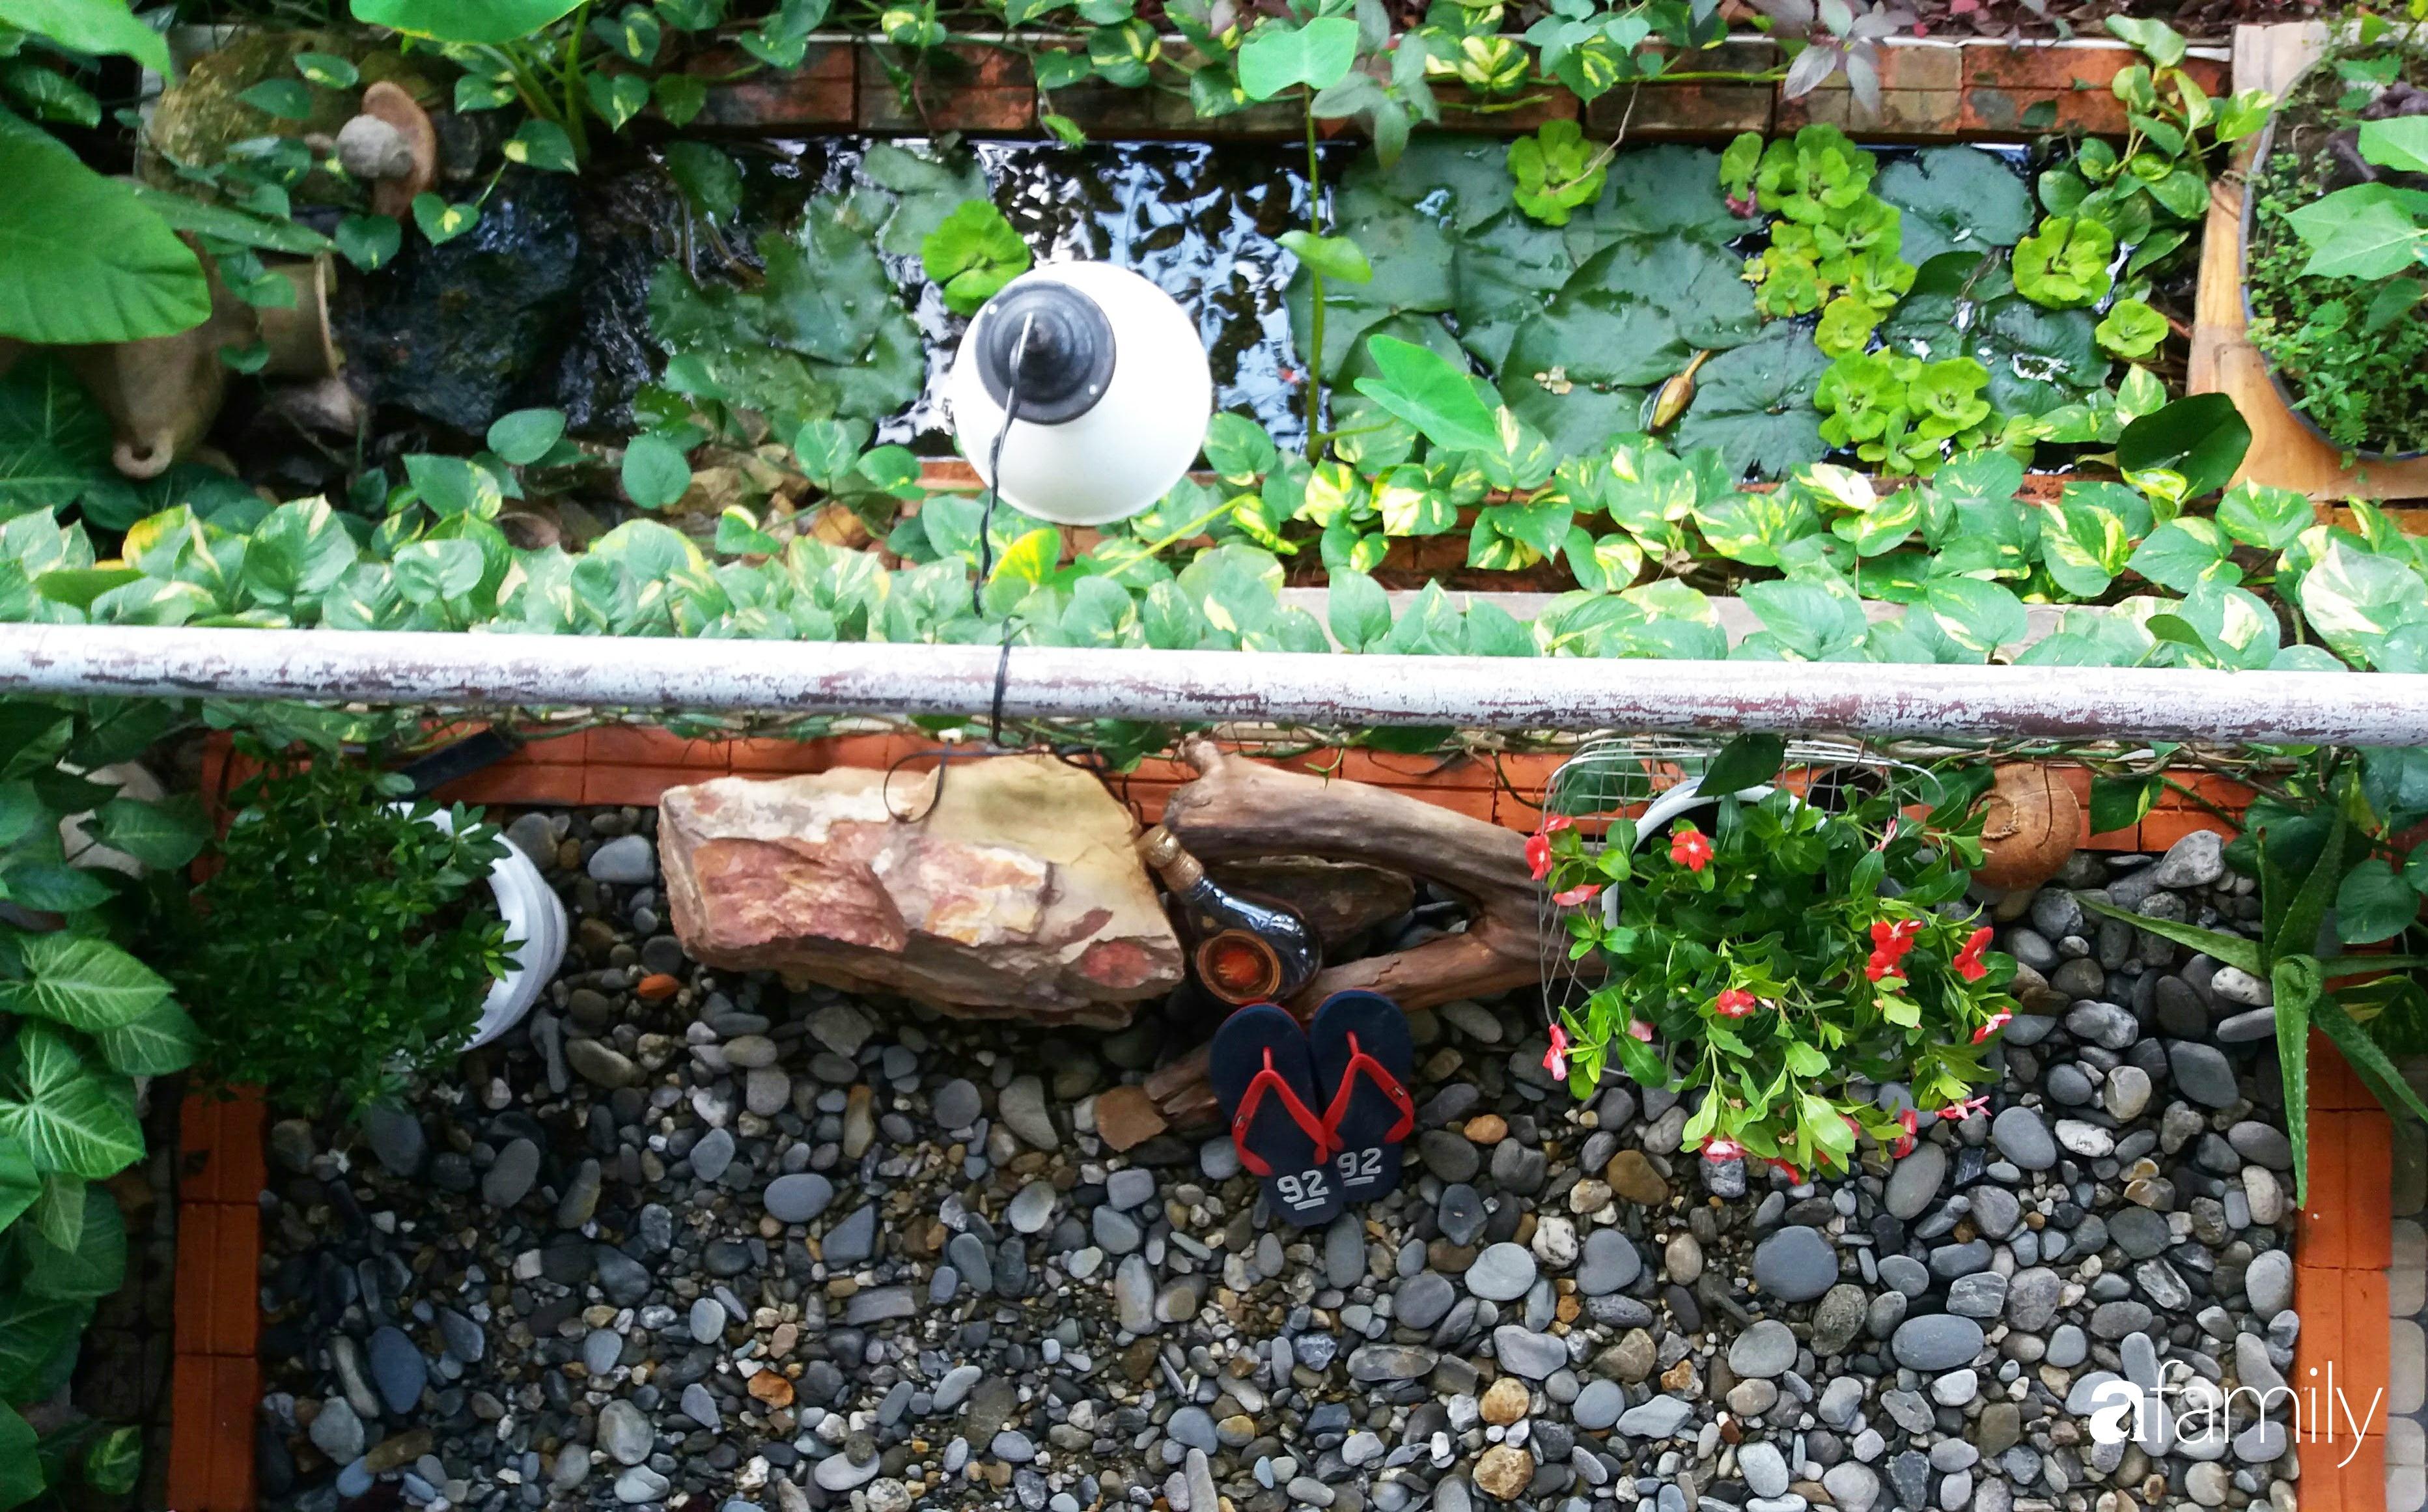 Ở nhà nghỉ dịch, chàng trai xứ Huế thảnh thơi bên ban công tự thiết kế với tiểu cảnh có hoa có cá phong cách nhiệt đới - Ảnh 3.